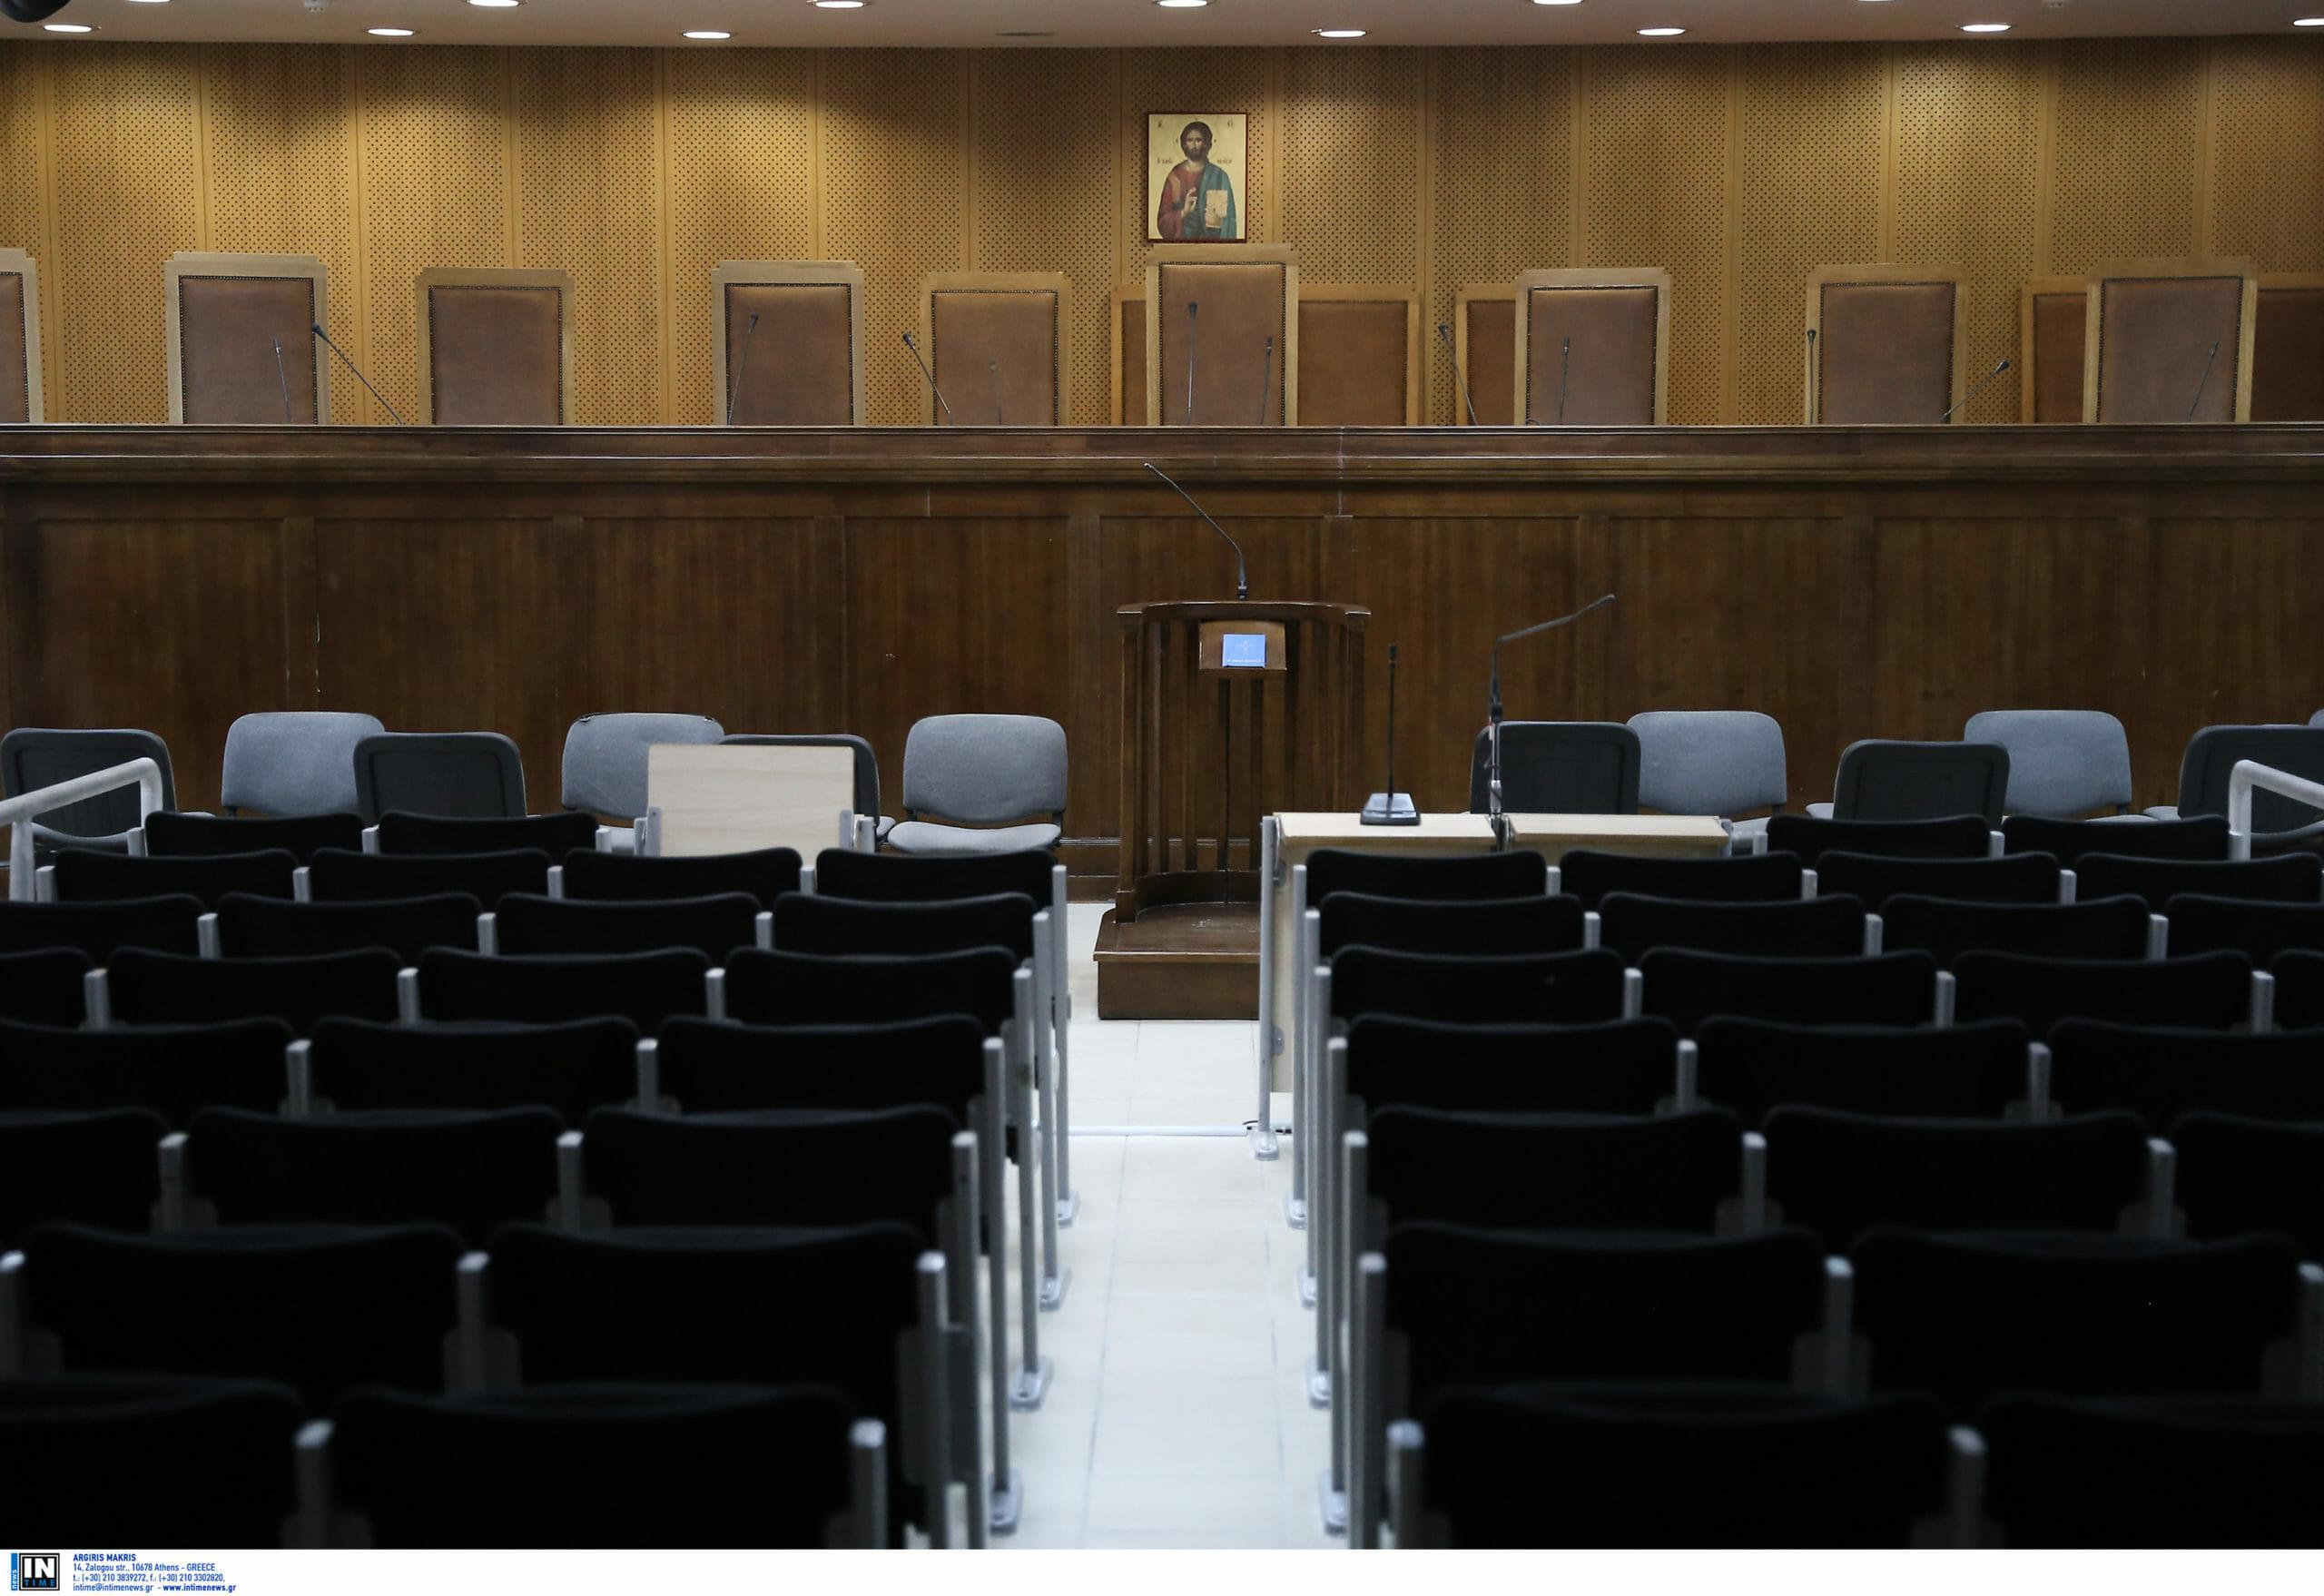 Επιπλέον μέτρα σε ανακρίσεις και ένορκες βεβαιώσεις ζητούν δικαστές και εισαγγελείς